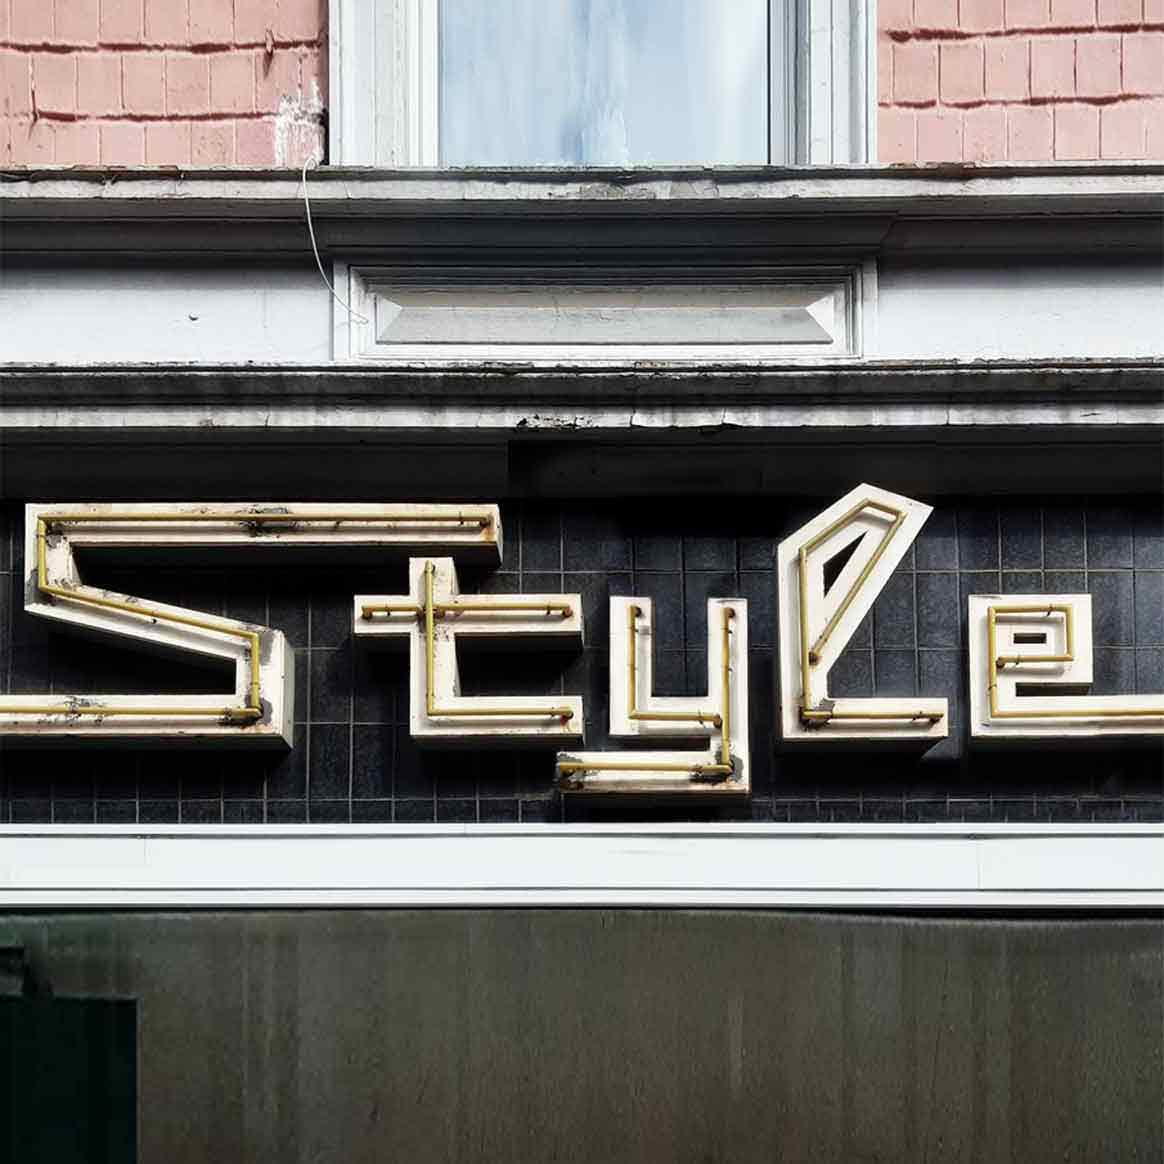 Neon Style by Martin Blum